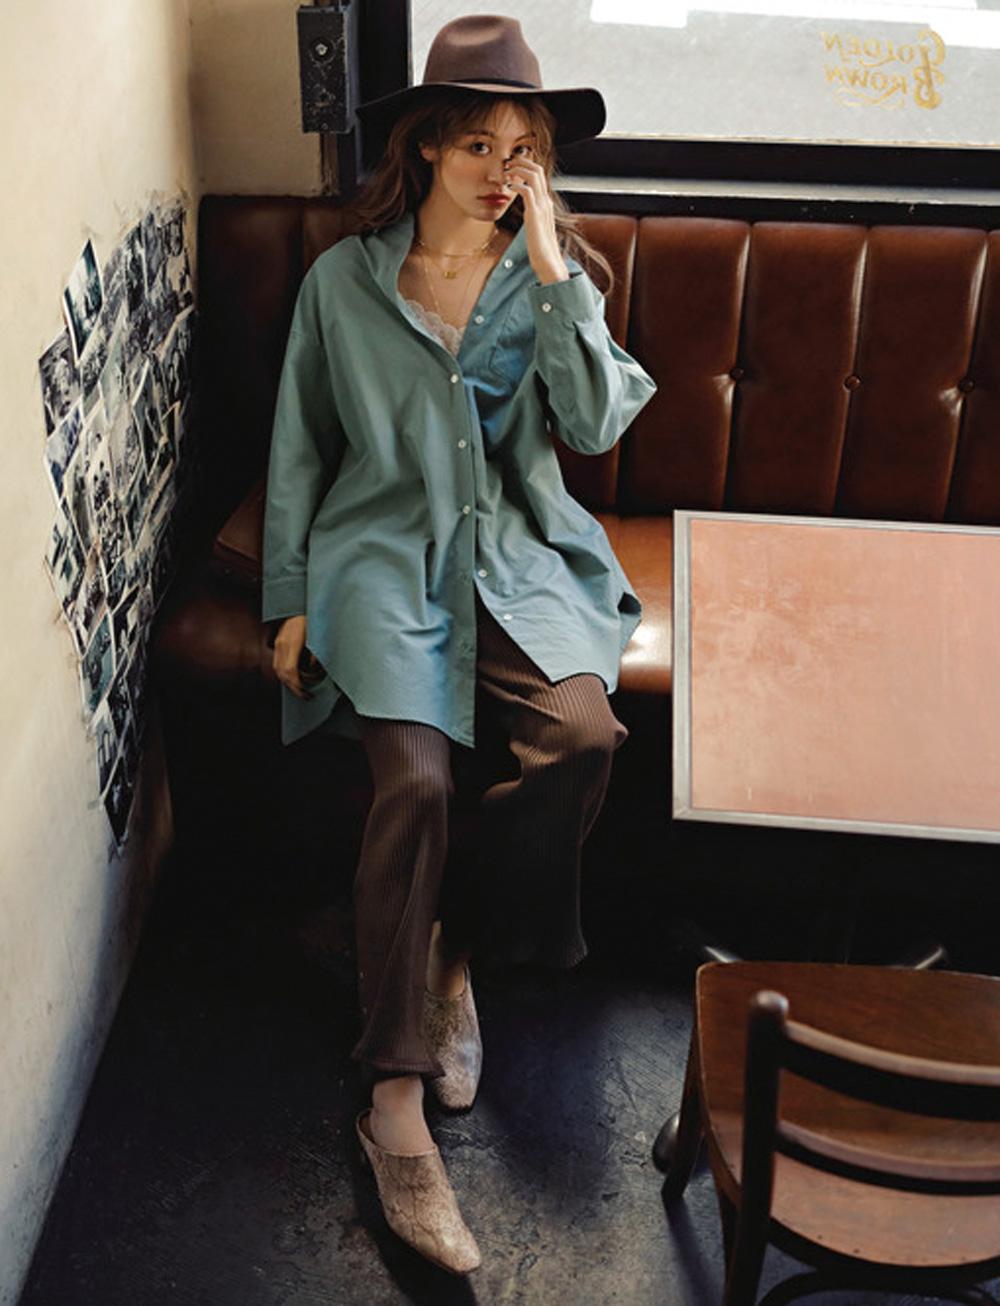 ×リブパンツで真面目に着ないシャツコーデがシャレ感◎